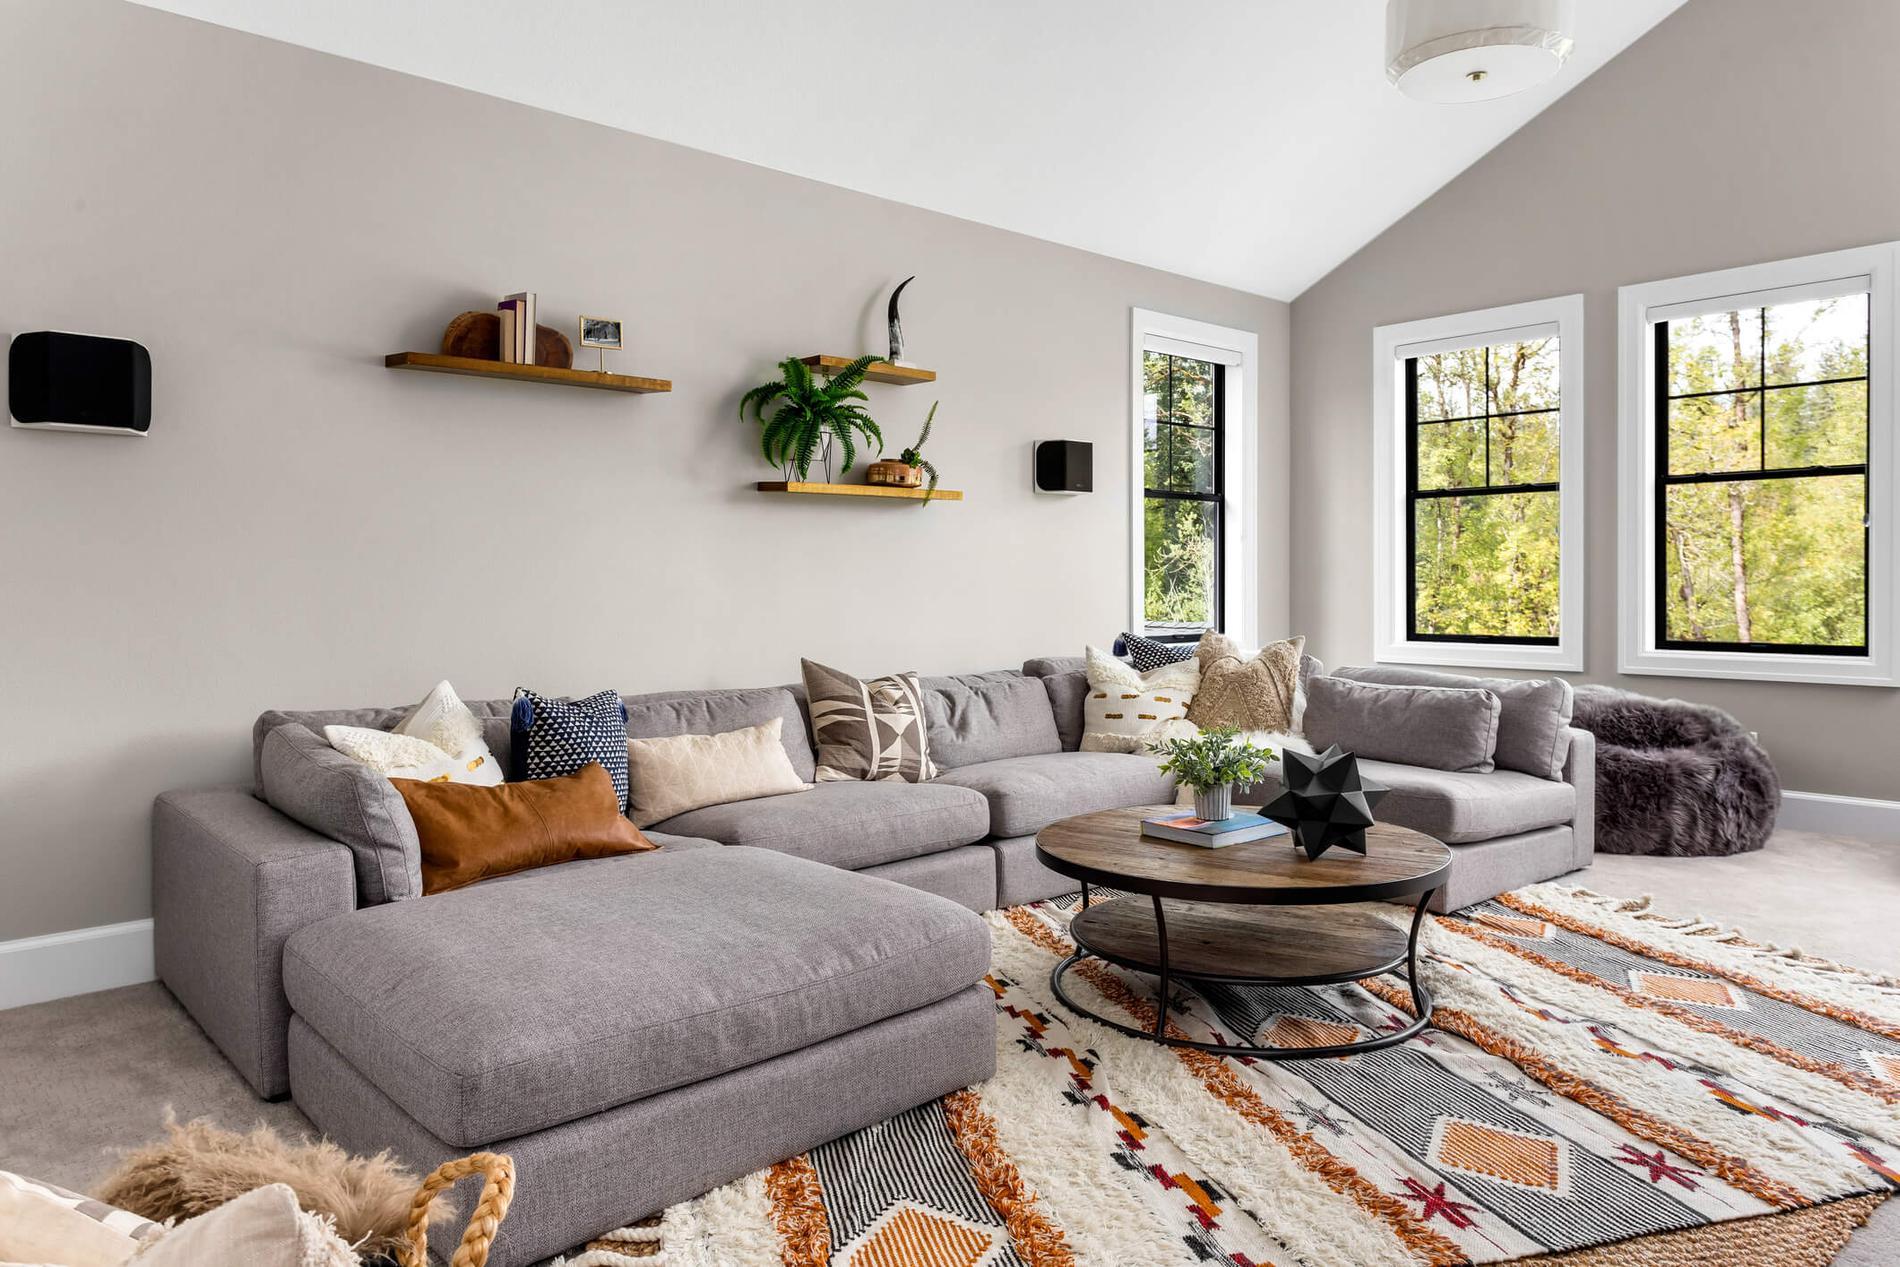 Inred med mattor i läckra mönster